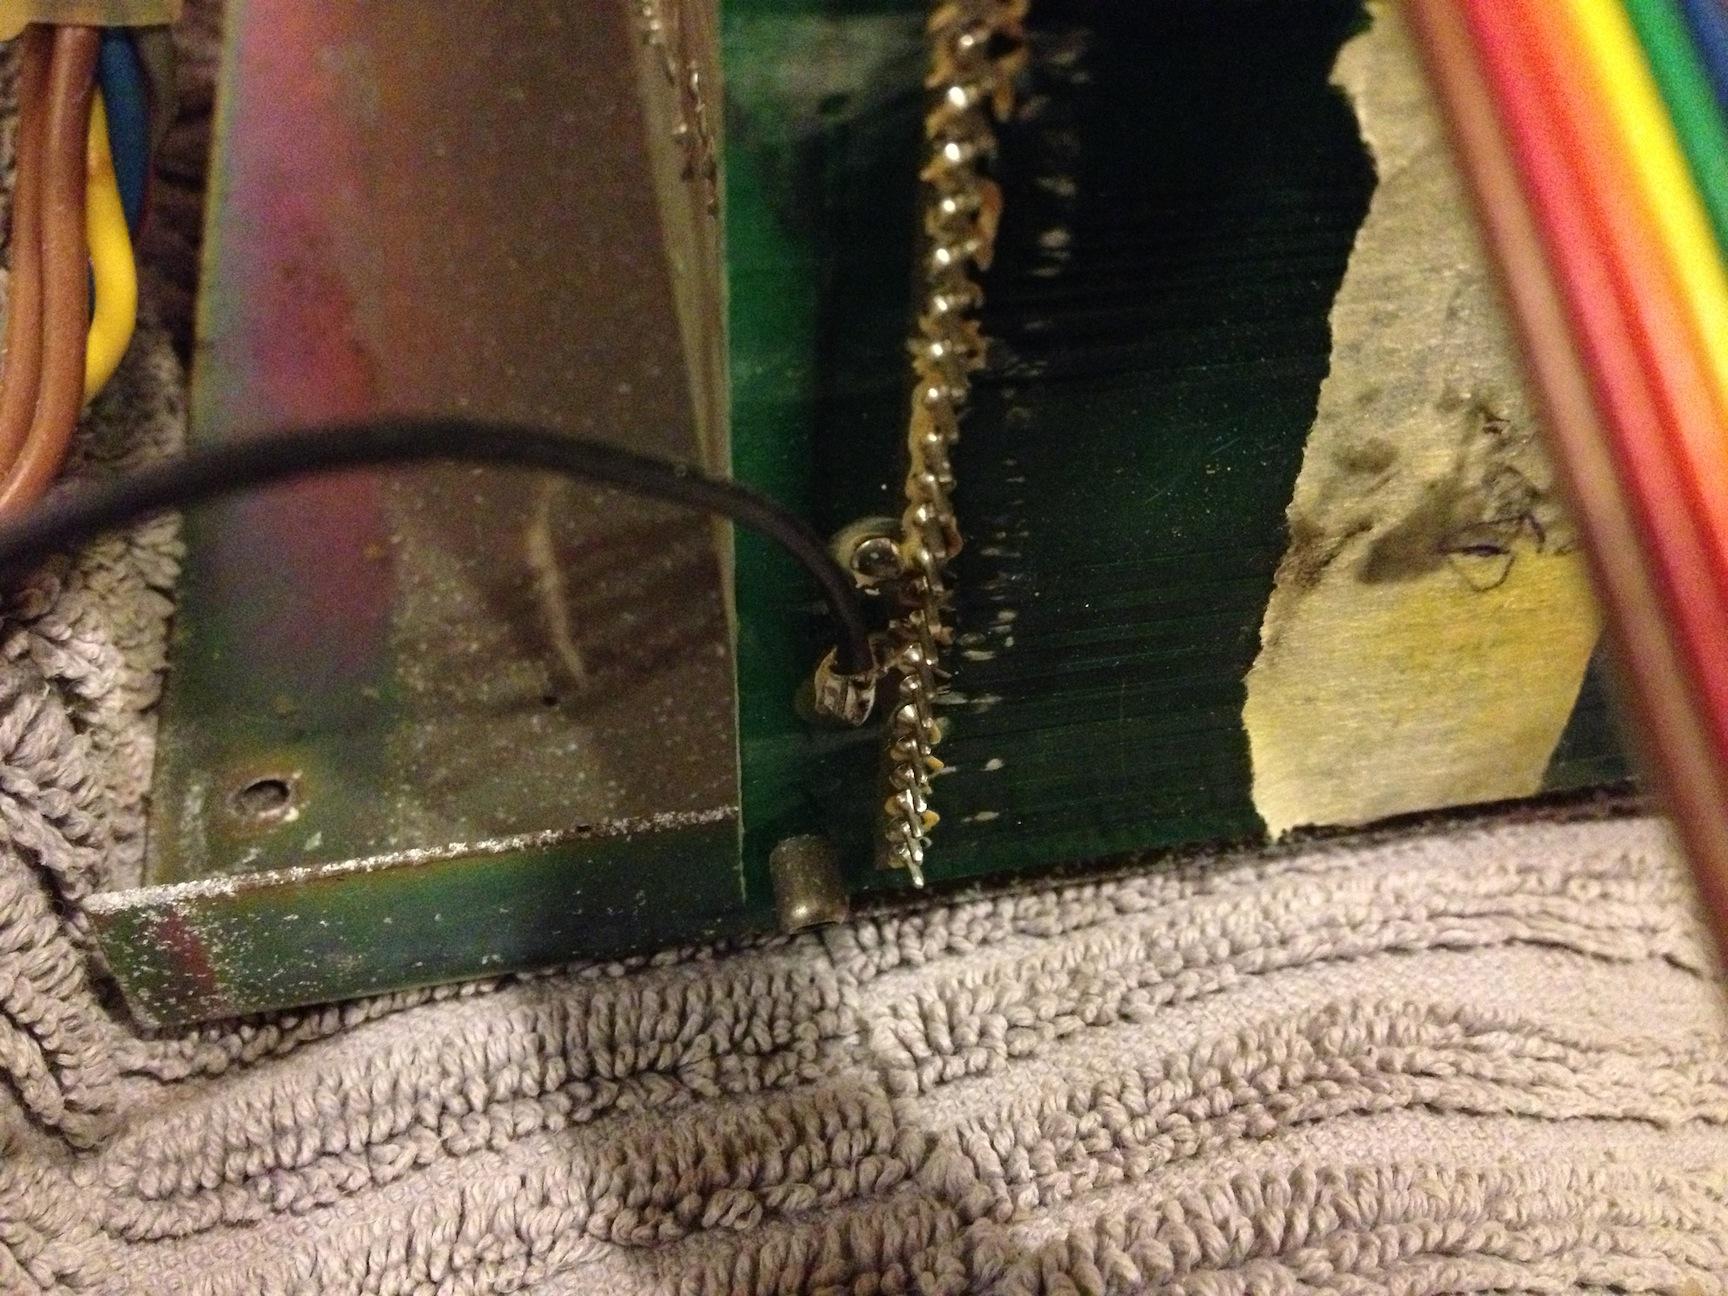 inside-corrosion-5a.jpg